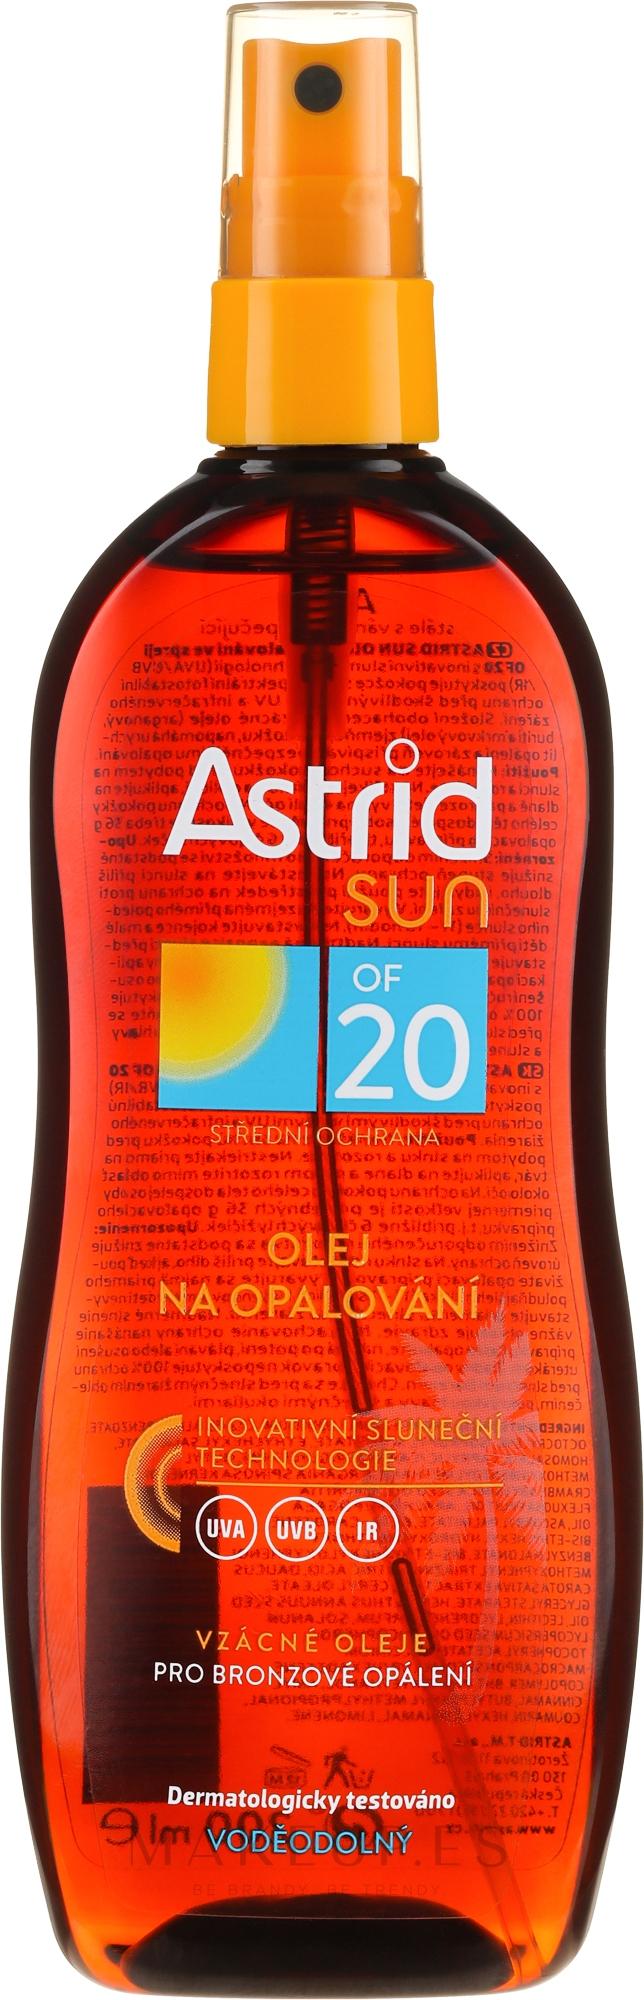 Aceite seco para bronceado SPF20 - Astrid Sun Suncare Spray Oil SPF20 — imagen 200 ml